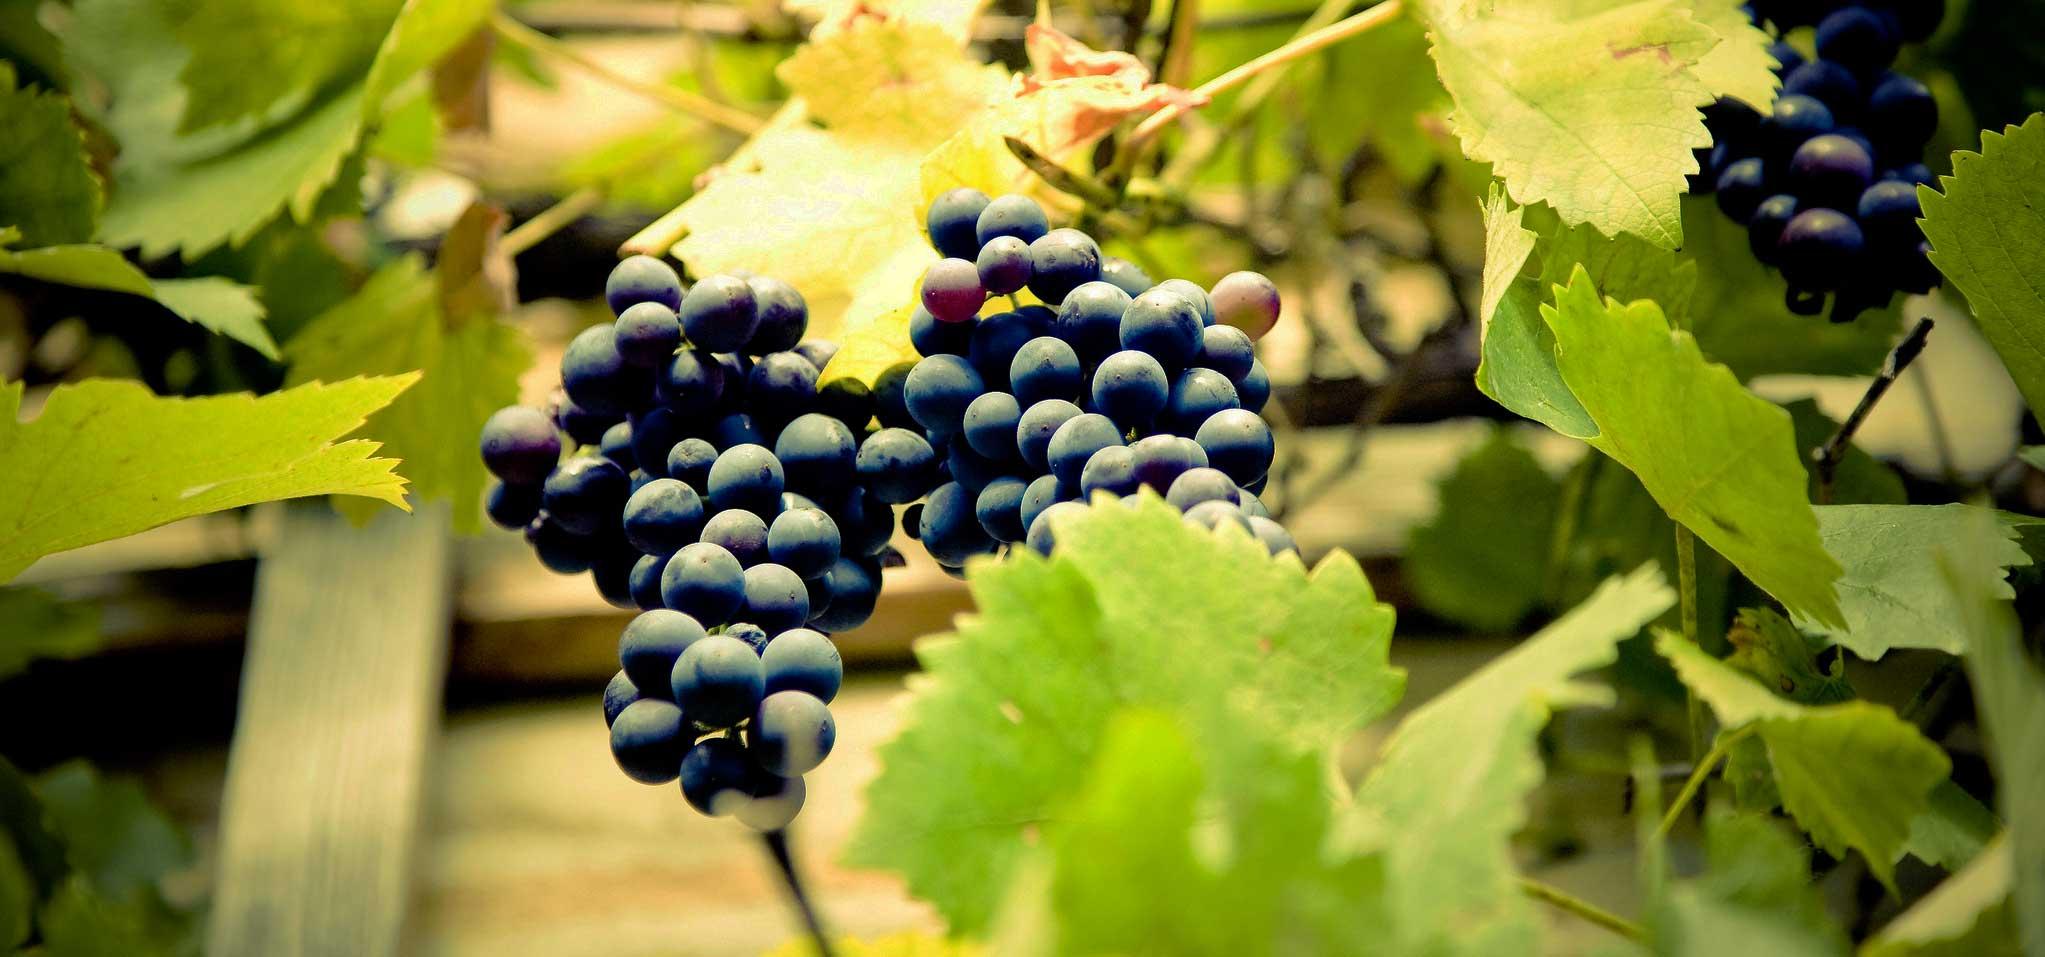 gustiamo-i-sapori-del-buon-vino